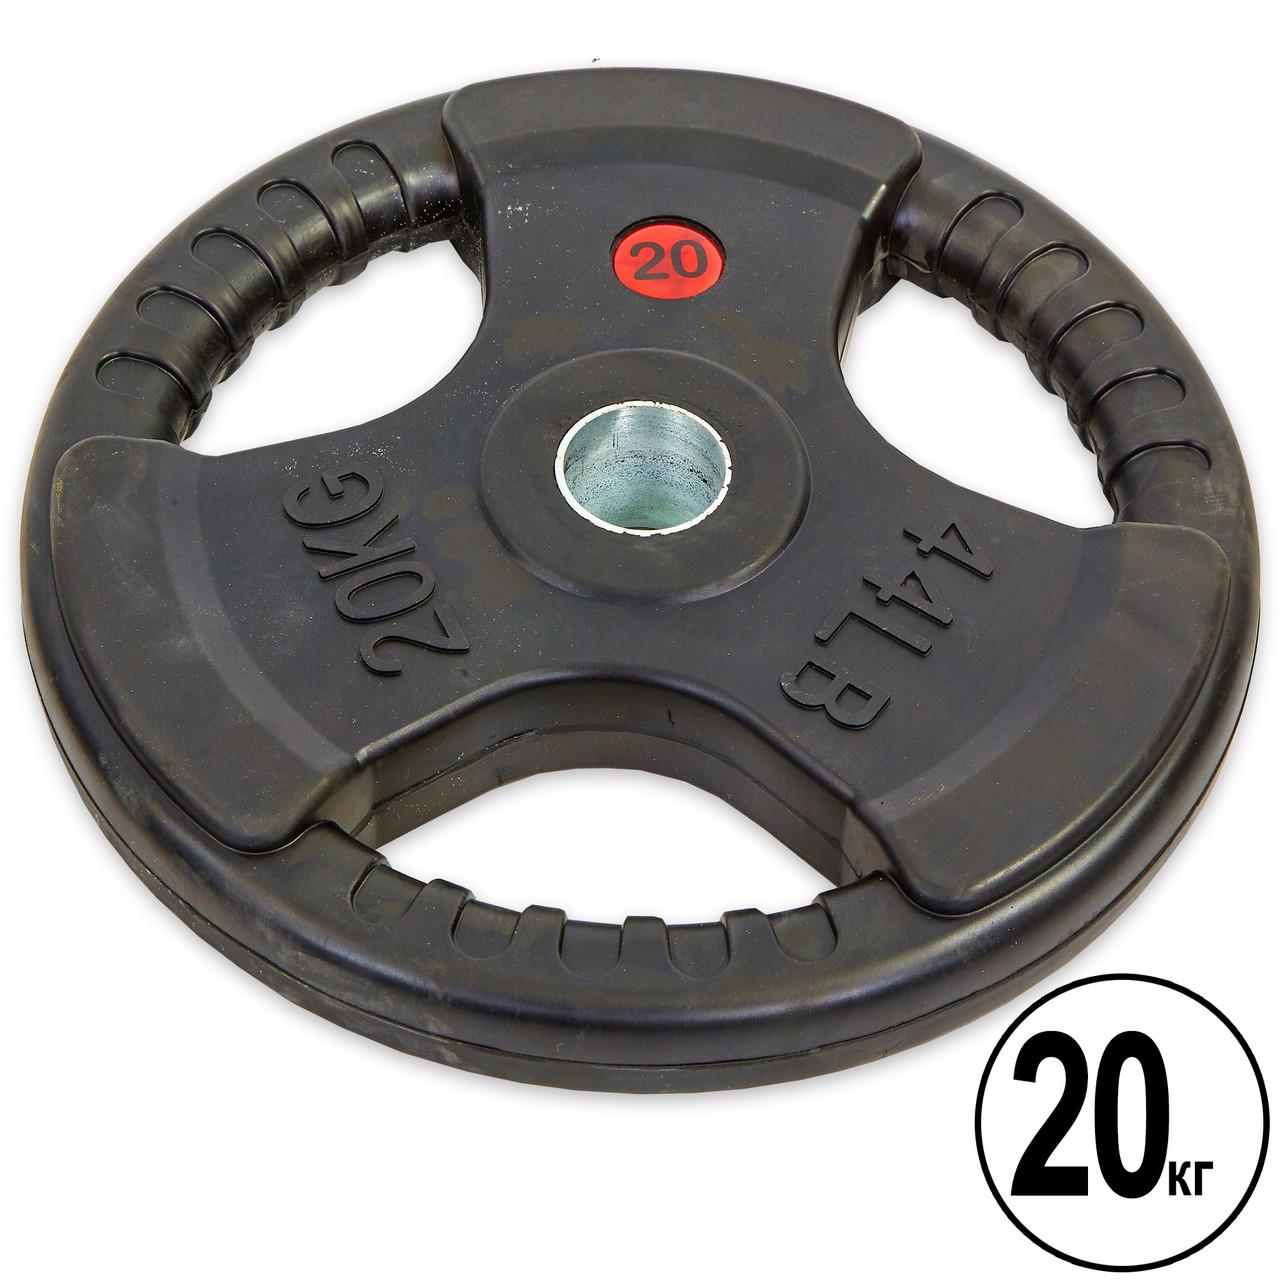 Млинці (диски) 20кг обгумовані з потрійним хватом і металевою втулкою d-52мм (1шт*20кг)